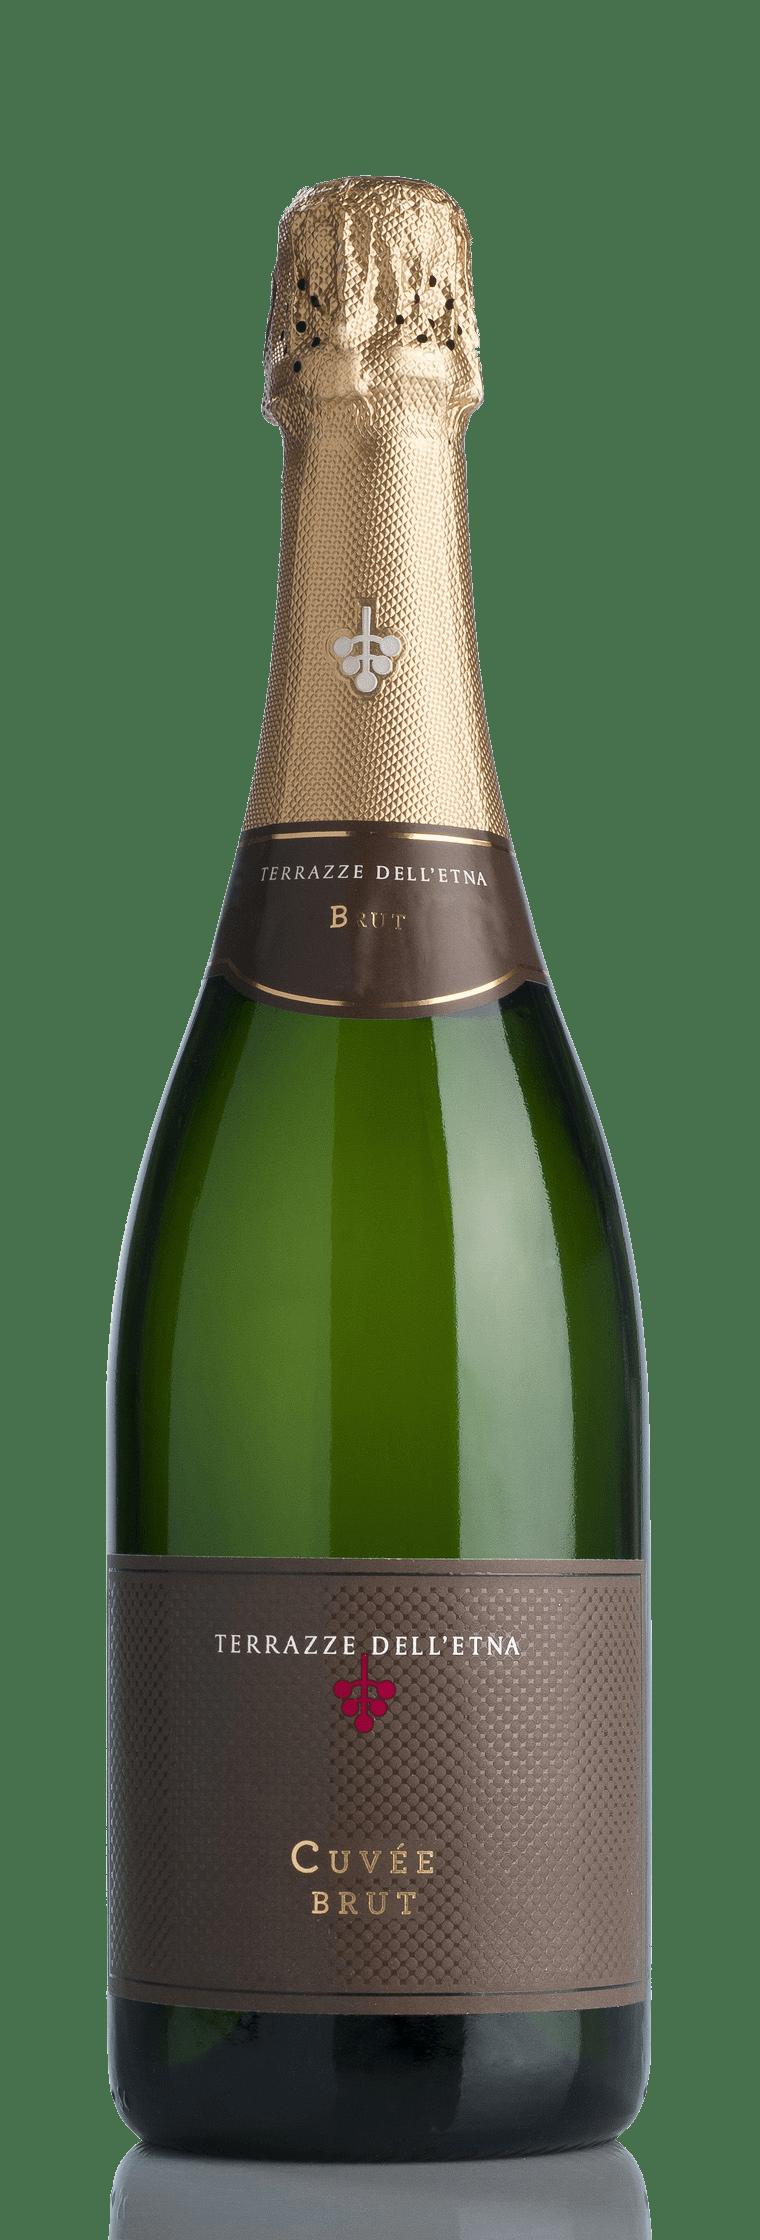 Cuvée Brut  bottle